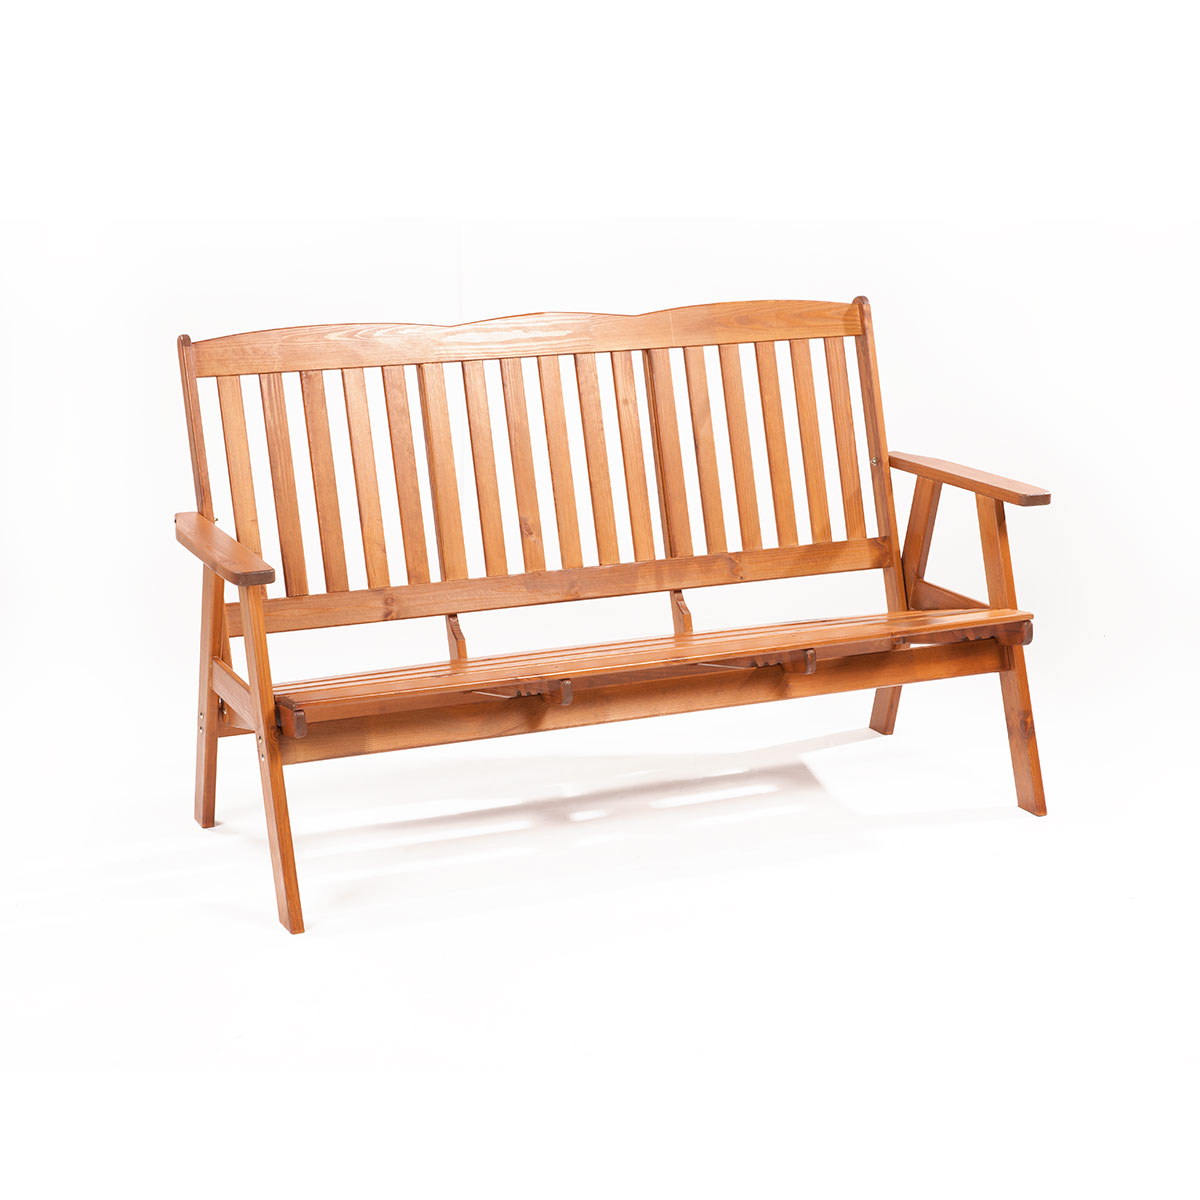 Garland Oliver, třímístná zahradní lavice z borovice